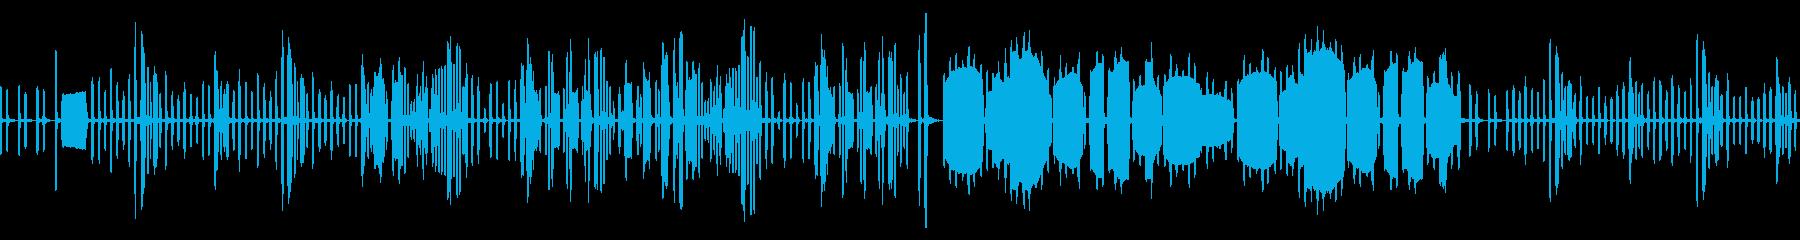 リコーダーのかっこうワルツ(ループ仕様)の再生済みの波形